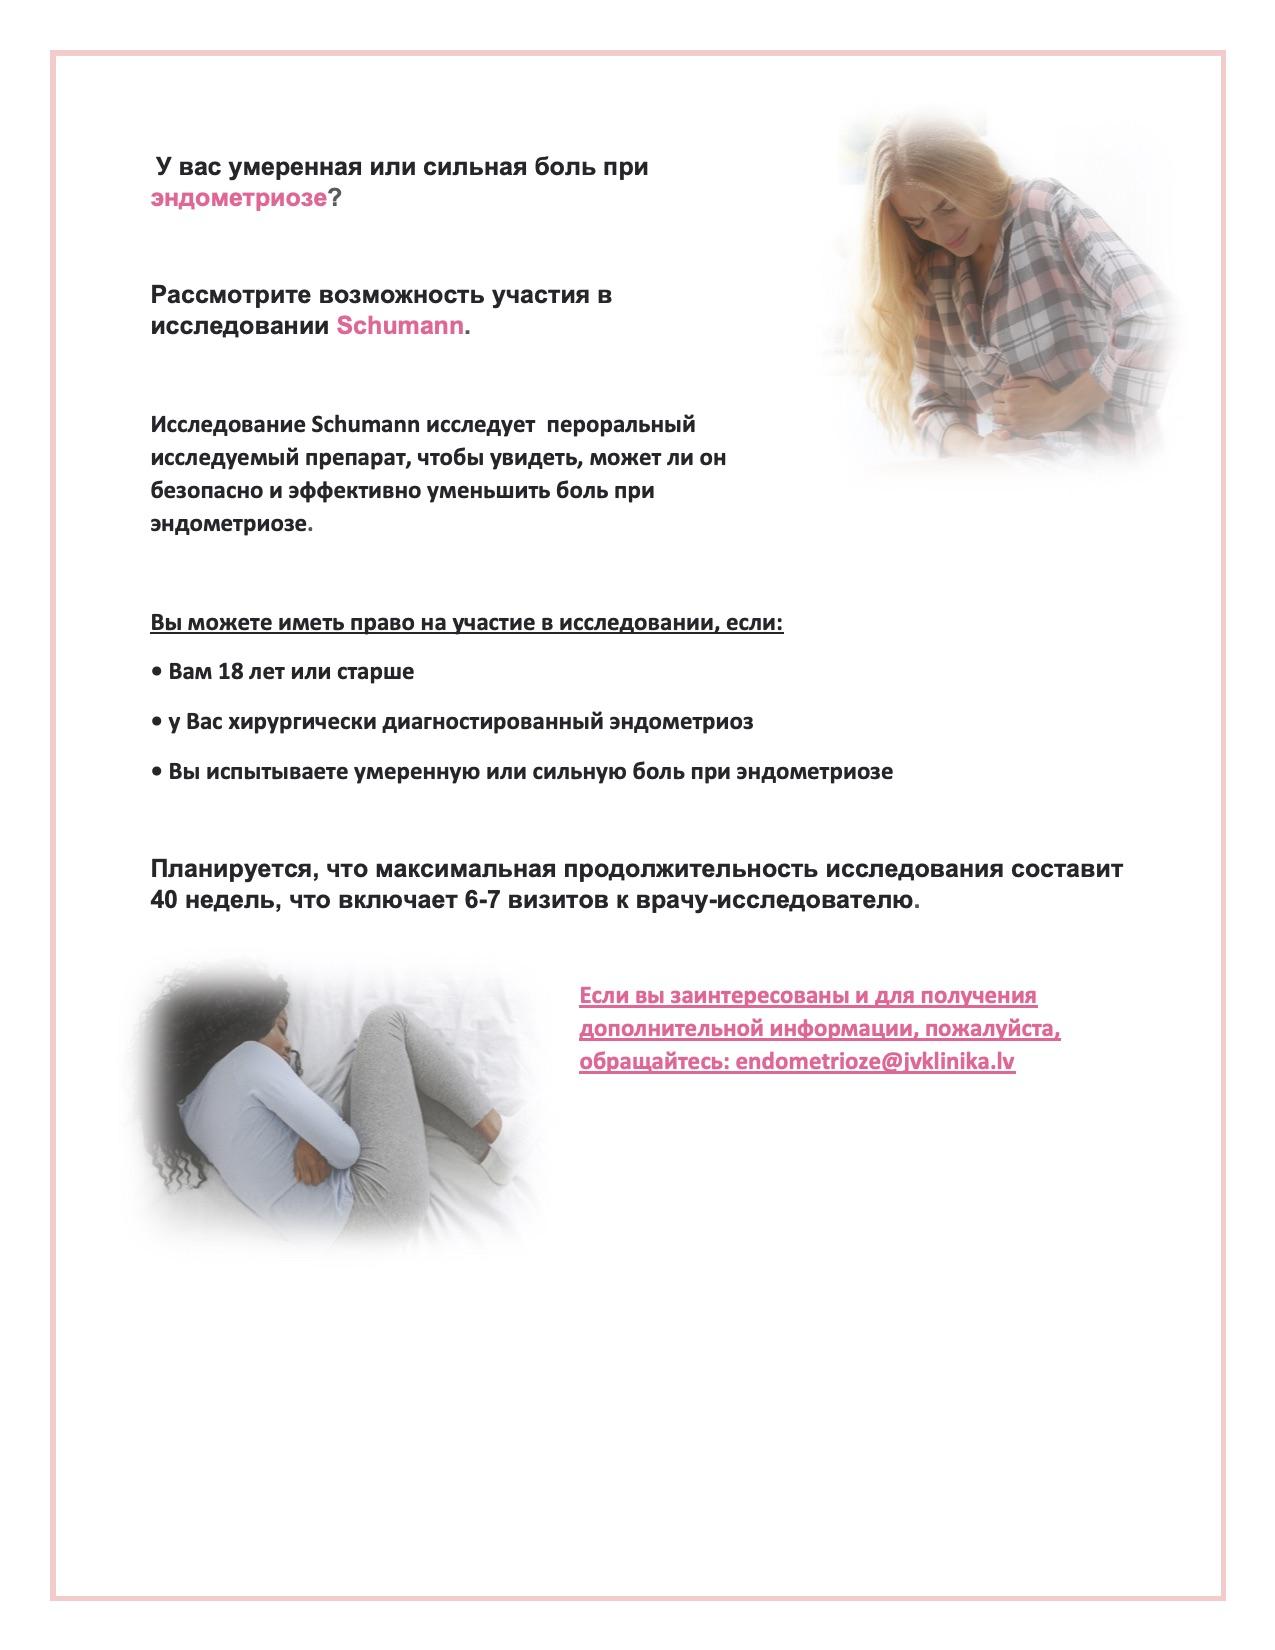 Исследовании Schumann - боль при эндометриозе.